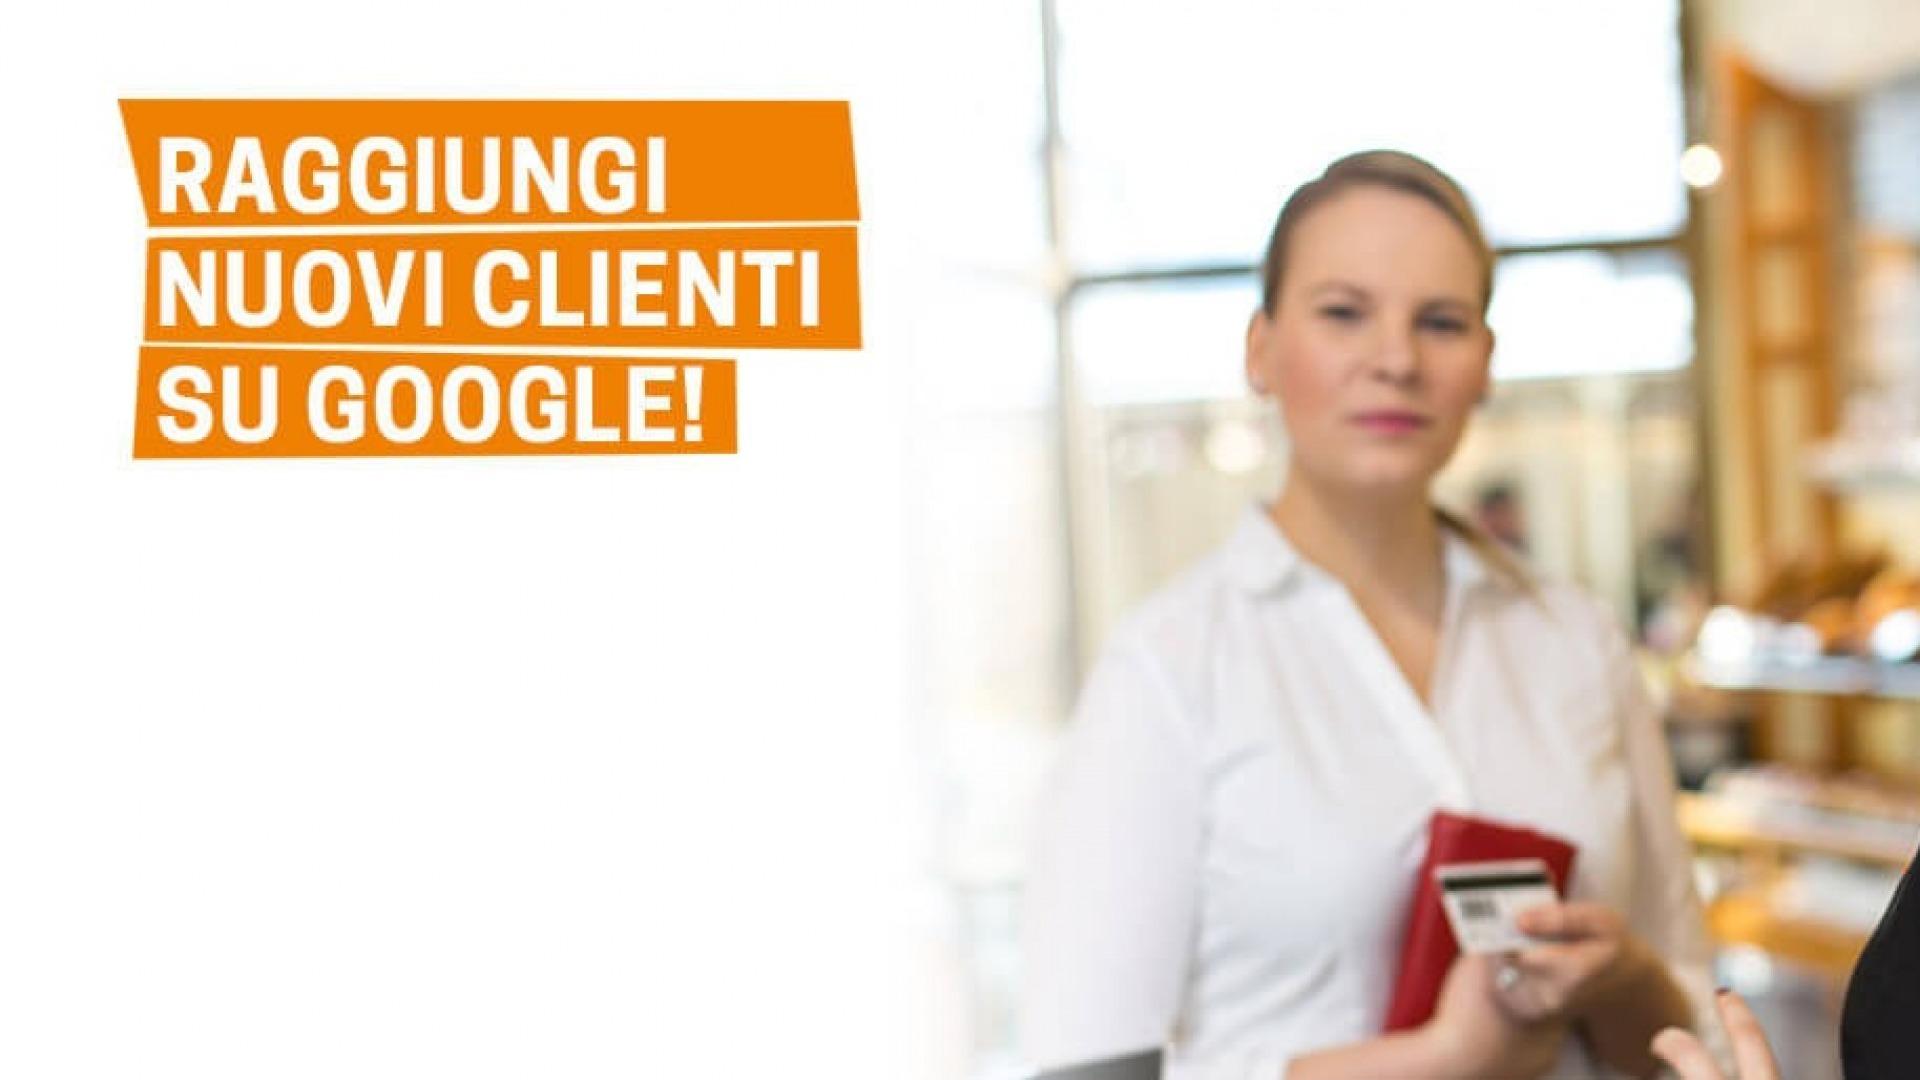 Raggiungi nuovi clienti su Google e portali da te!